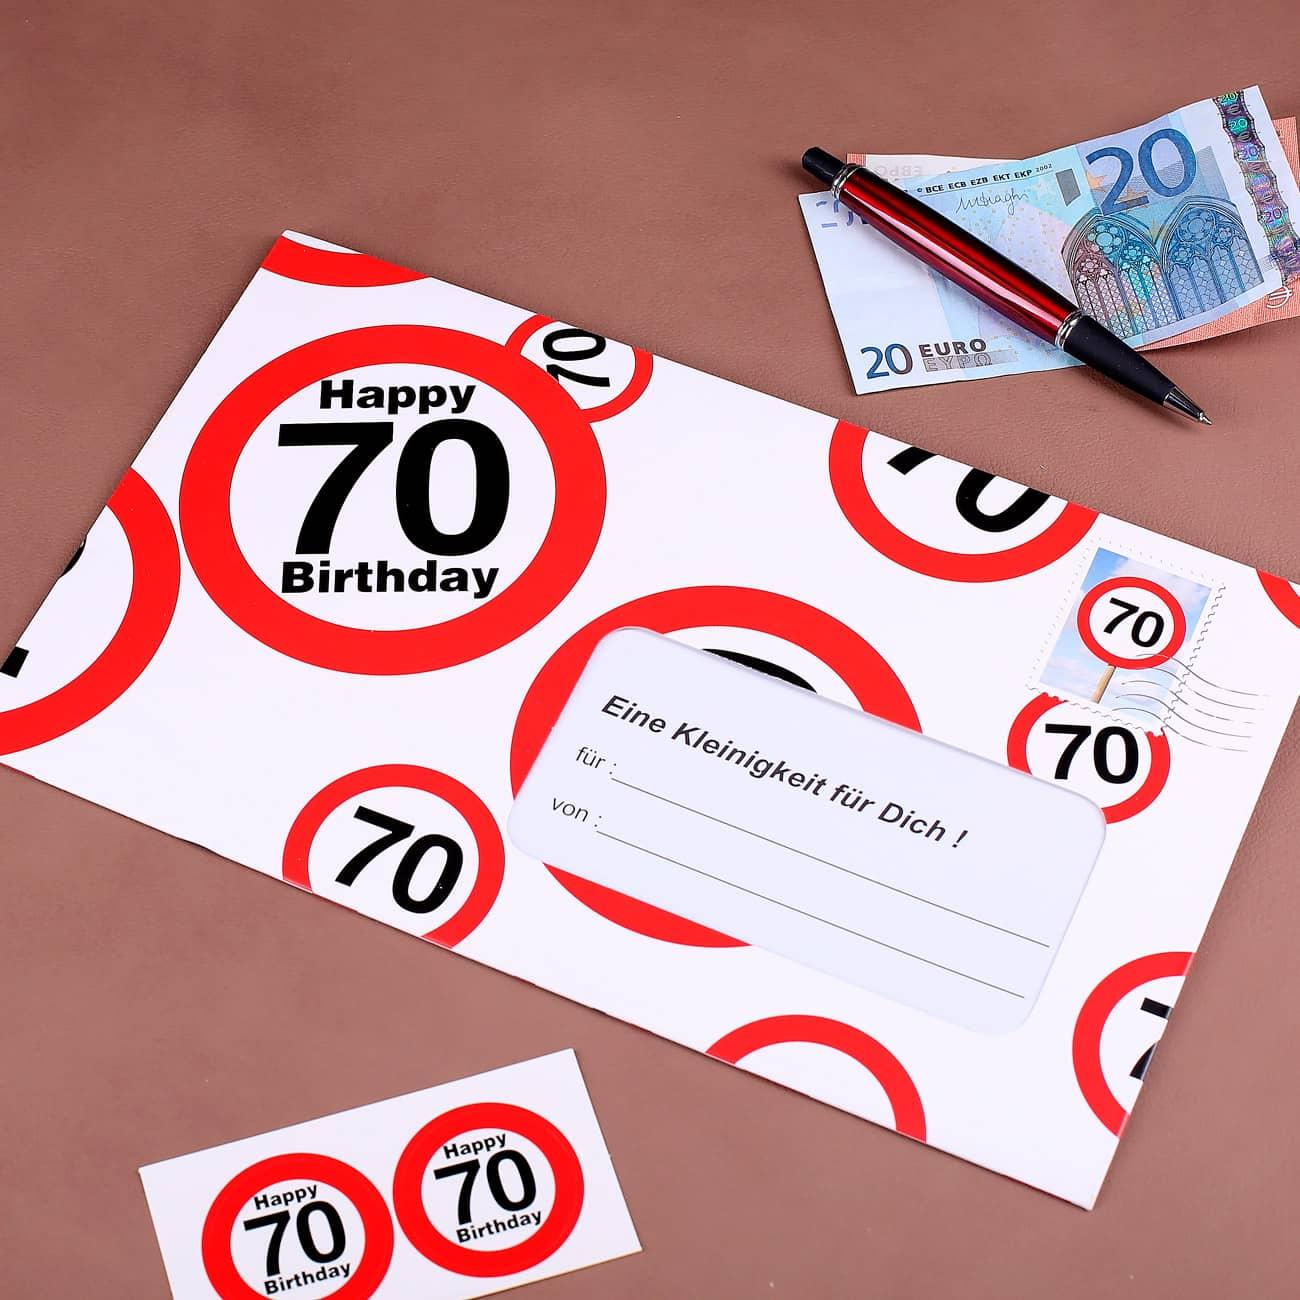 Xxl geldgeschenk zum 70 geburtstag geschenke for Geschenke zum 70 geburtstag vater